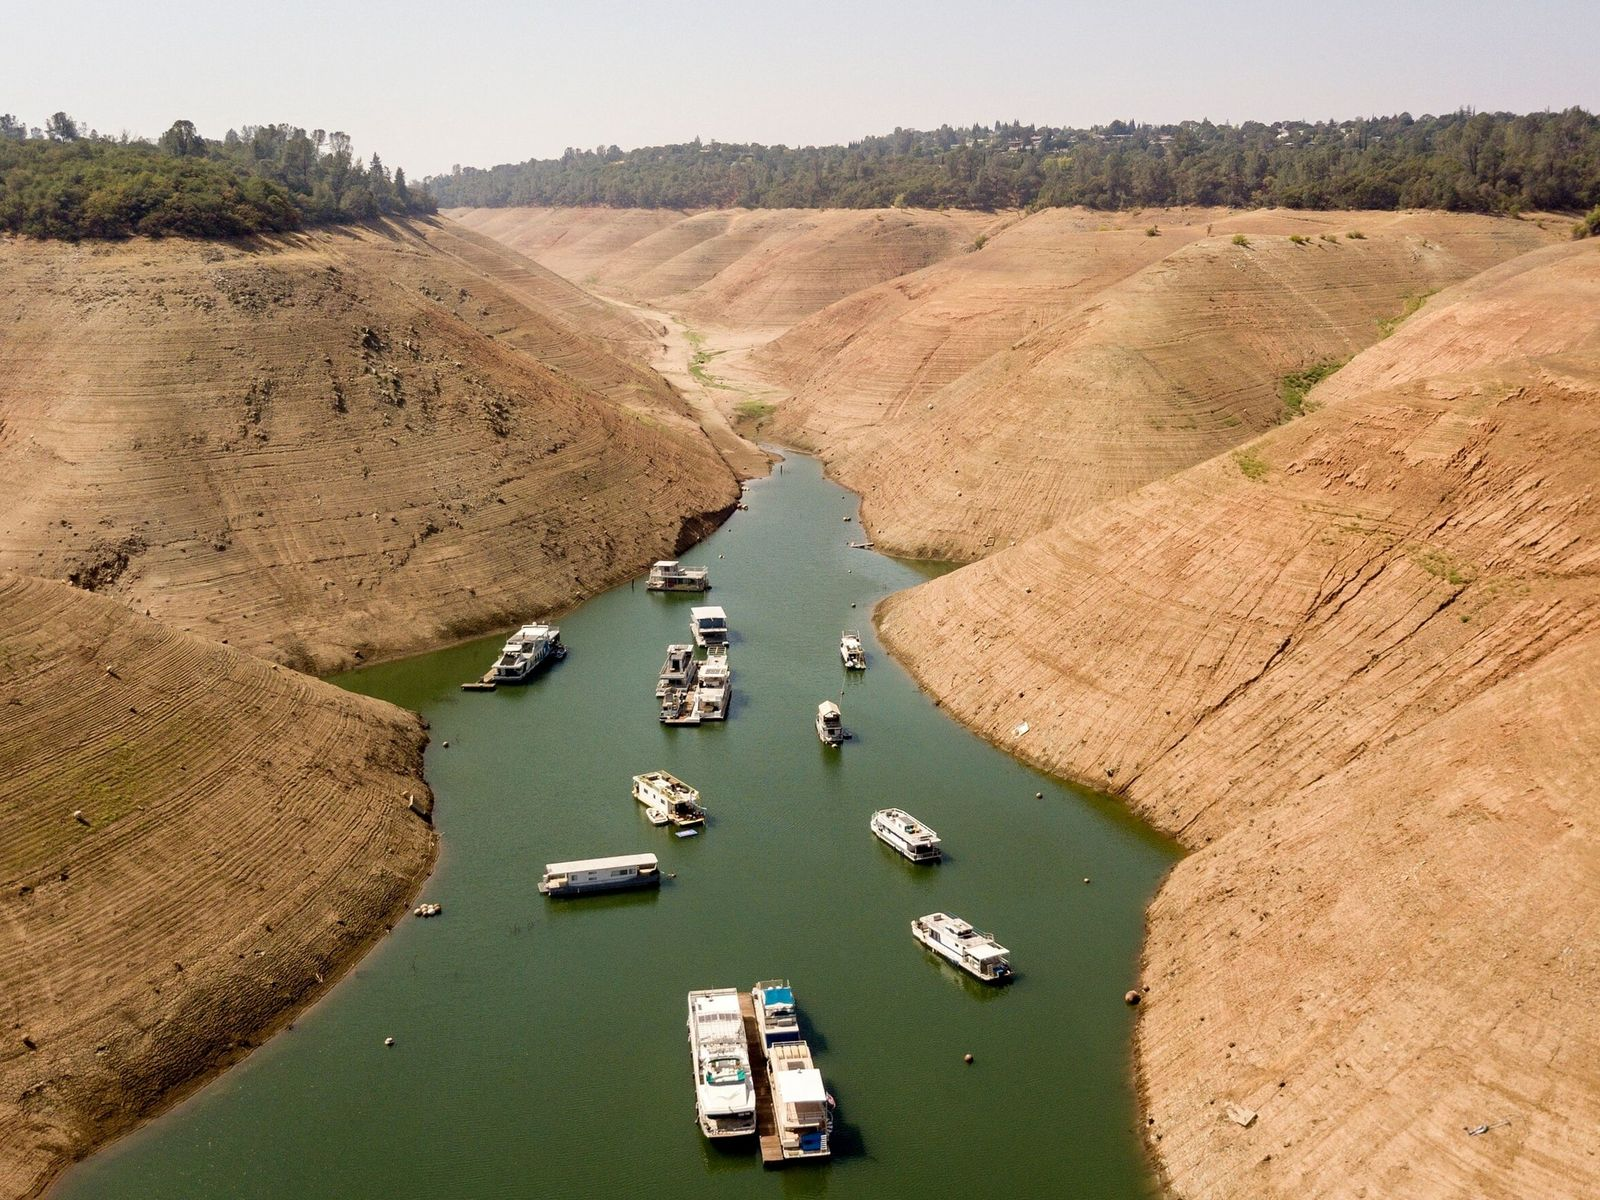 Efectos de la sequía en California